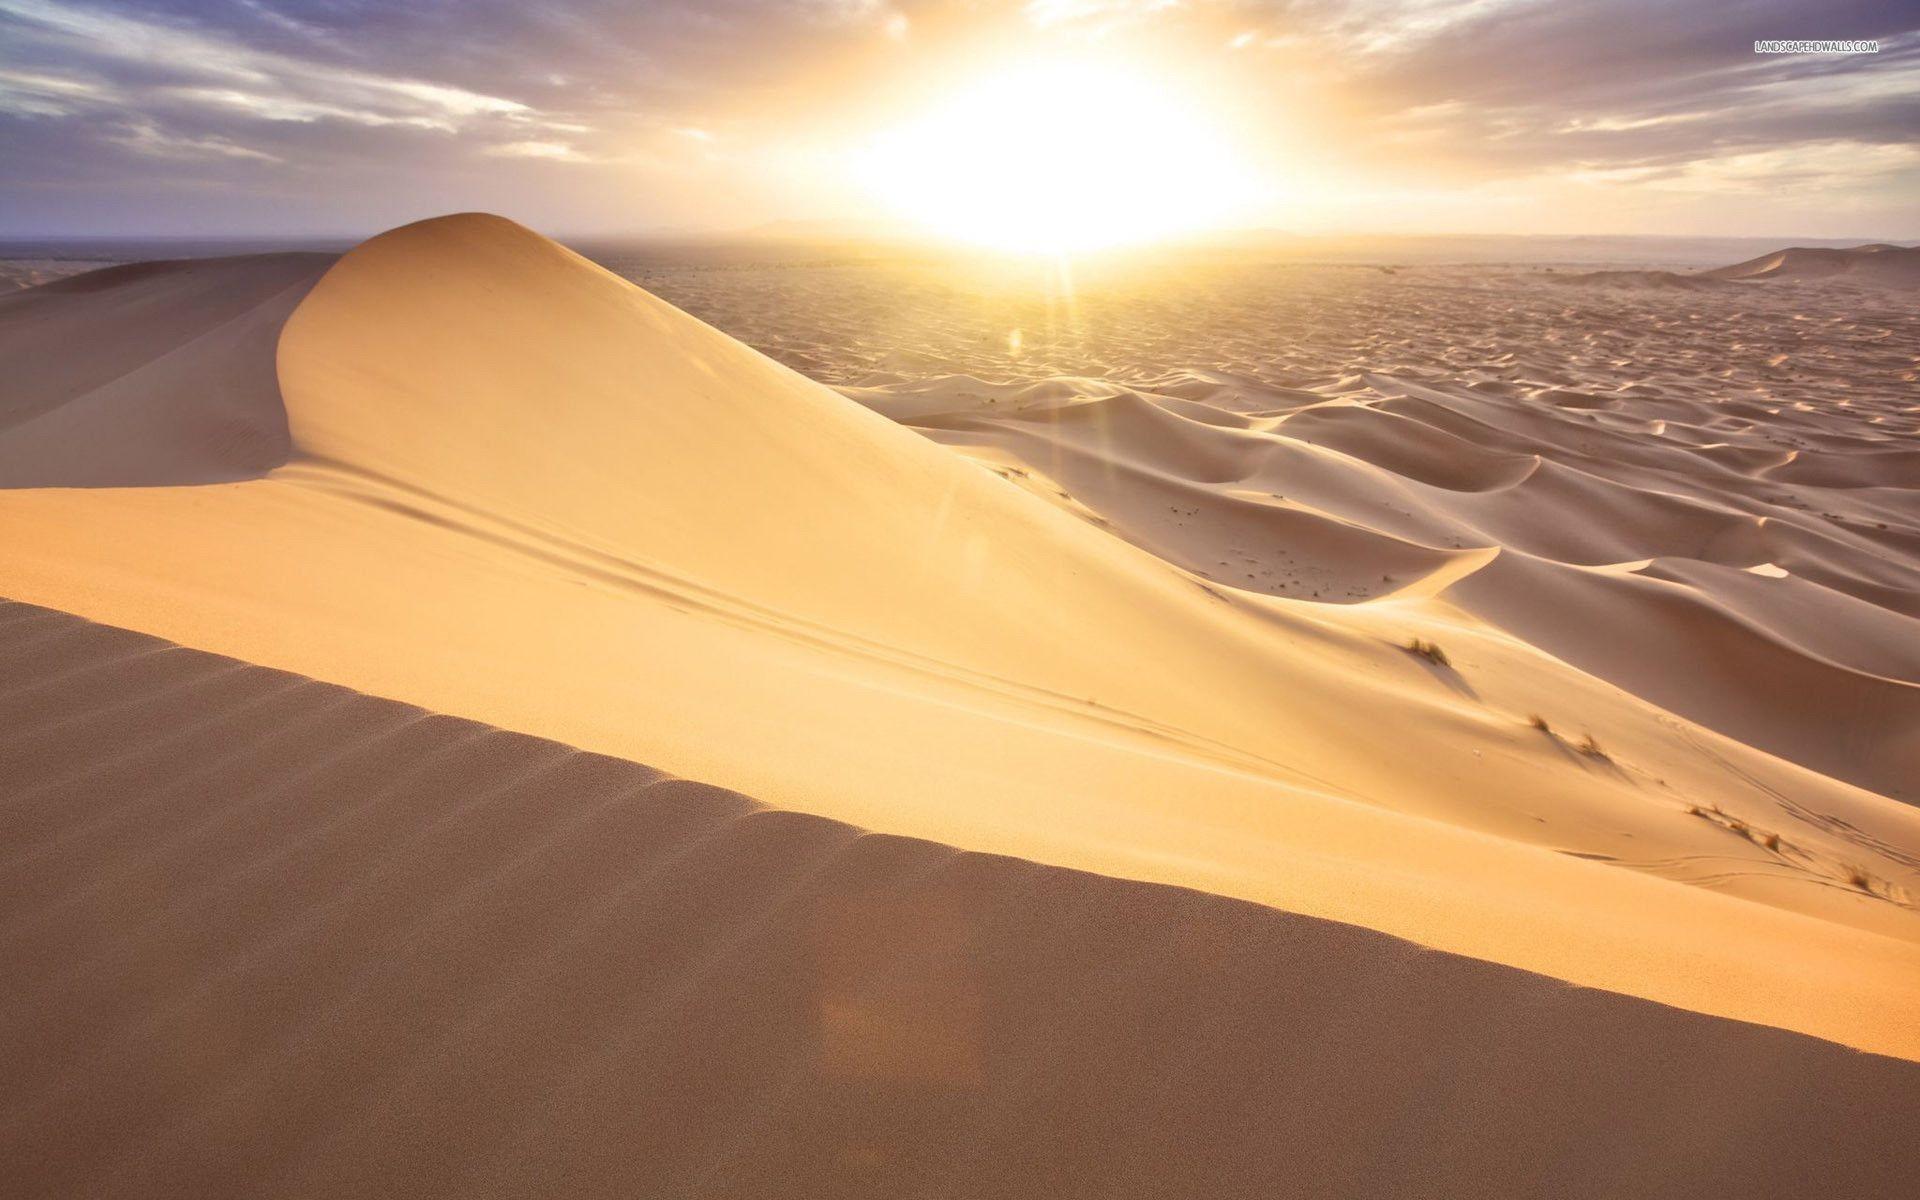 Dune Wallpapers (26 Wallpapers)